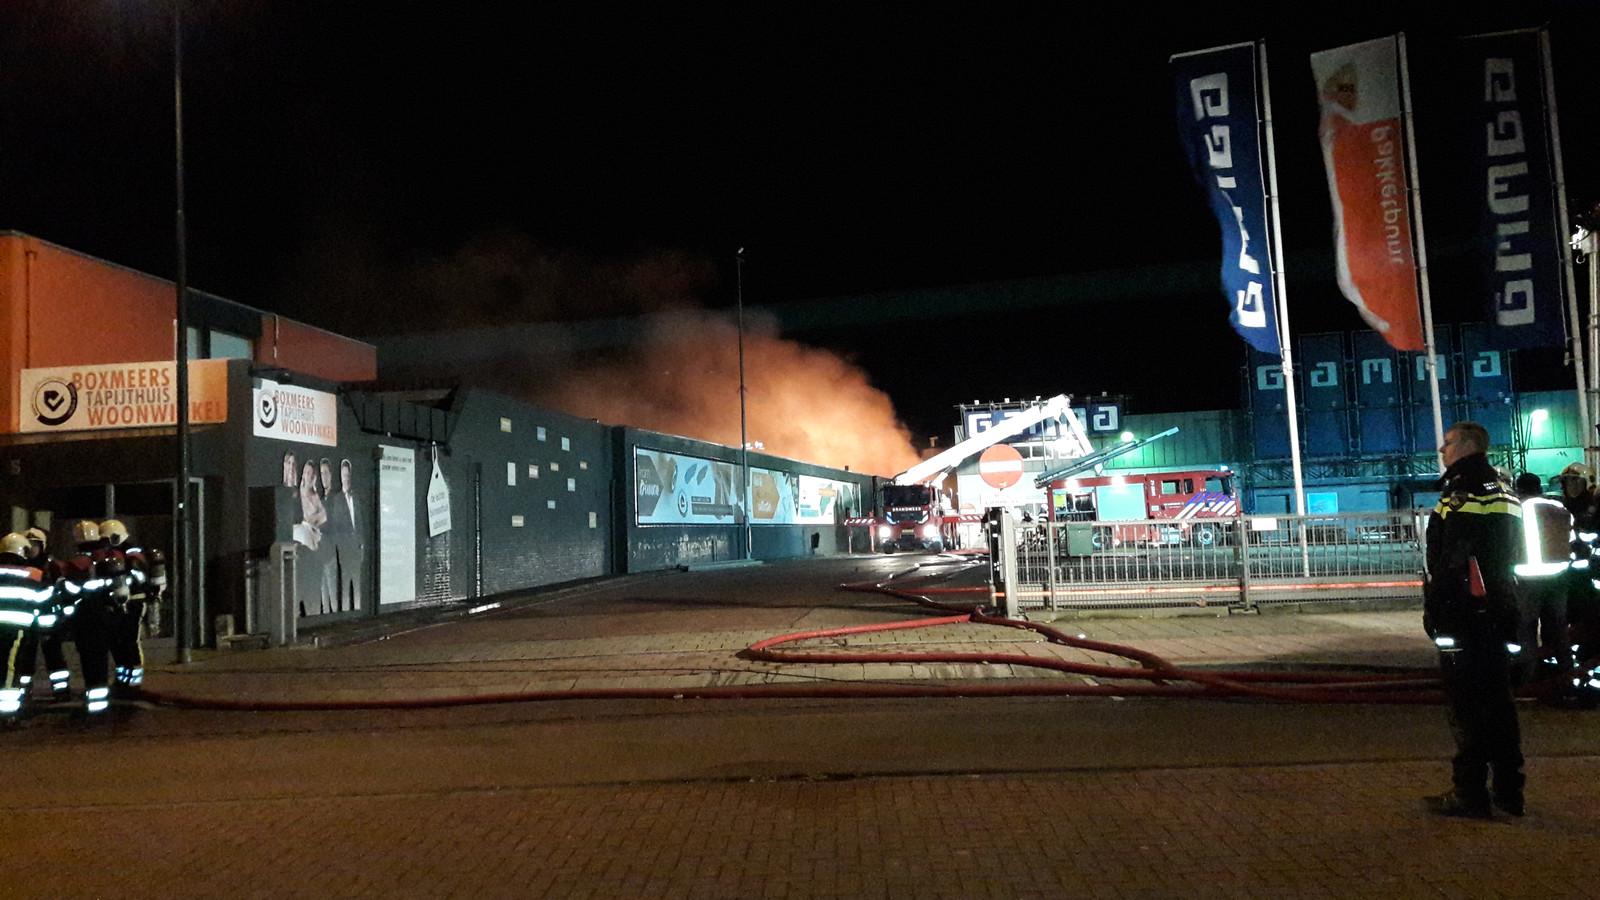 ca54421ebdb Opslagloods in Boxmeer verloren door grote brand, politie doet ...